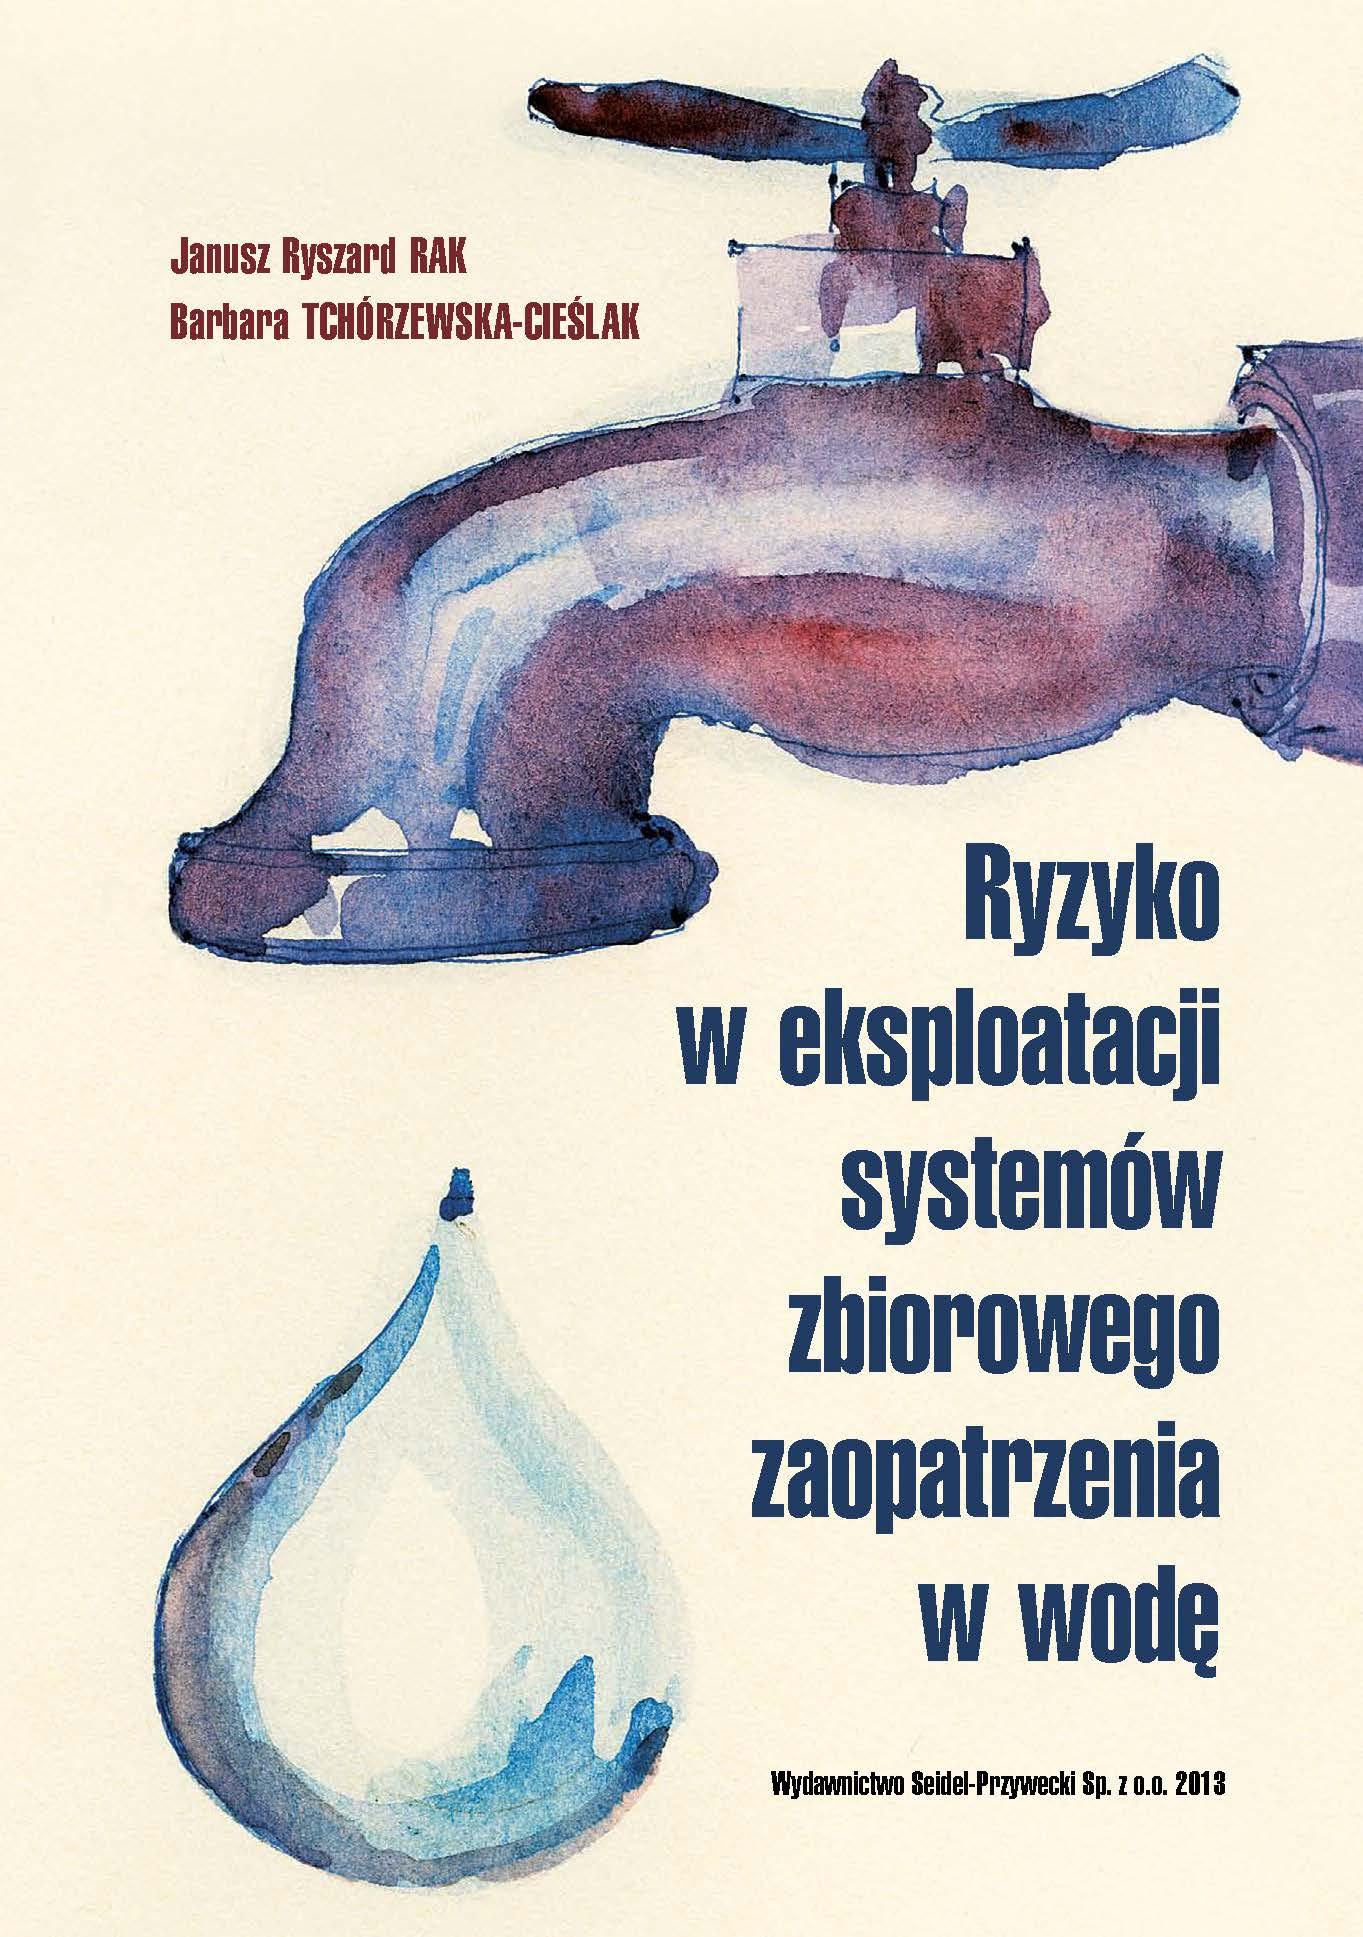 Ryzyko w eksploatacji systemów zbiorowego zaopatrzenia w wodę